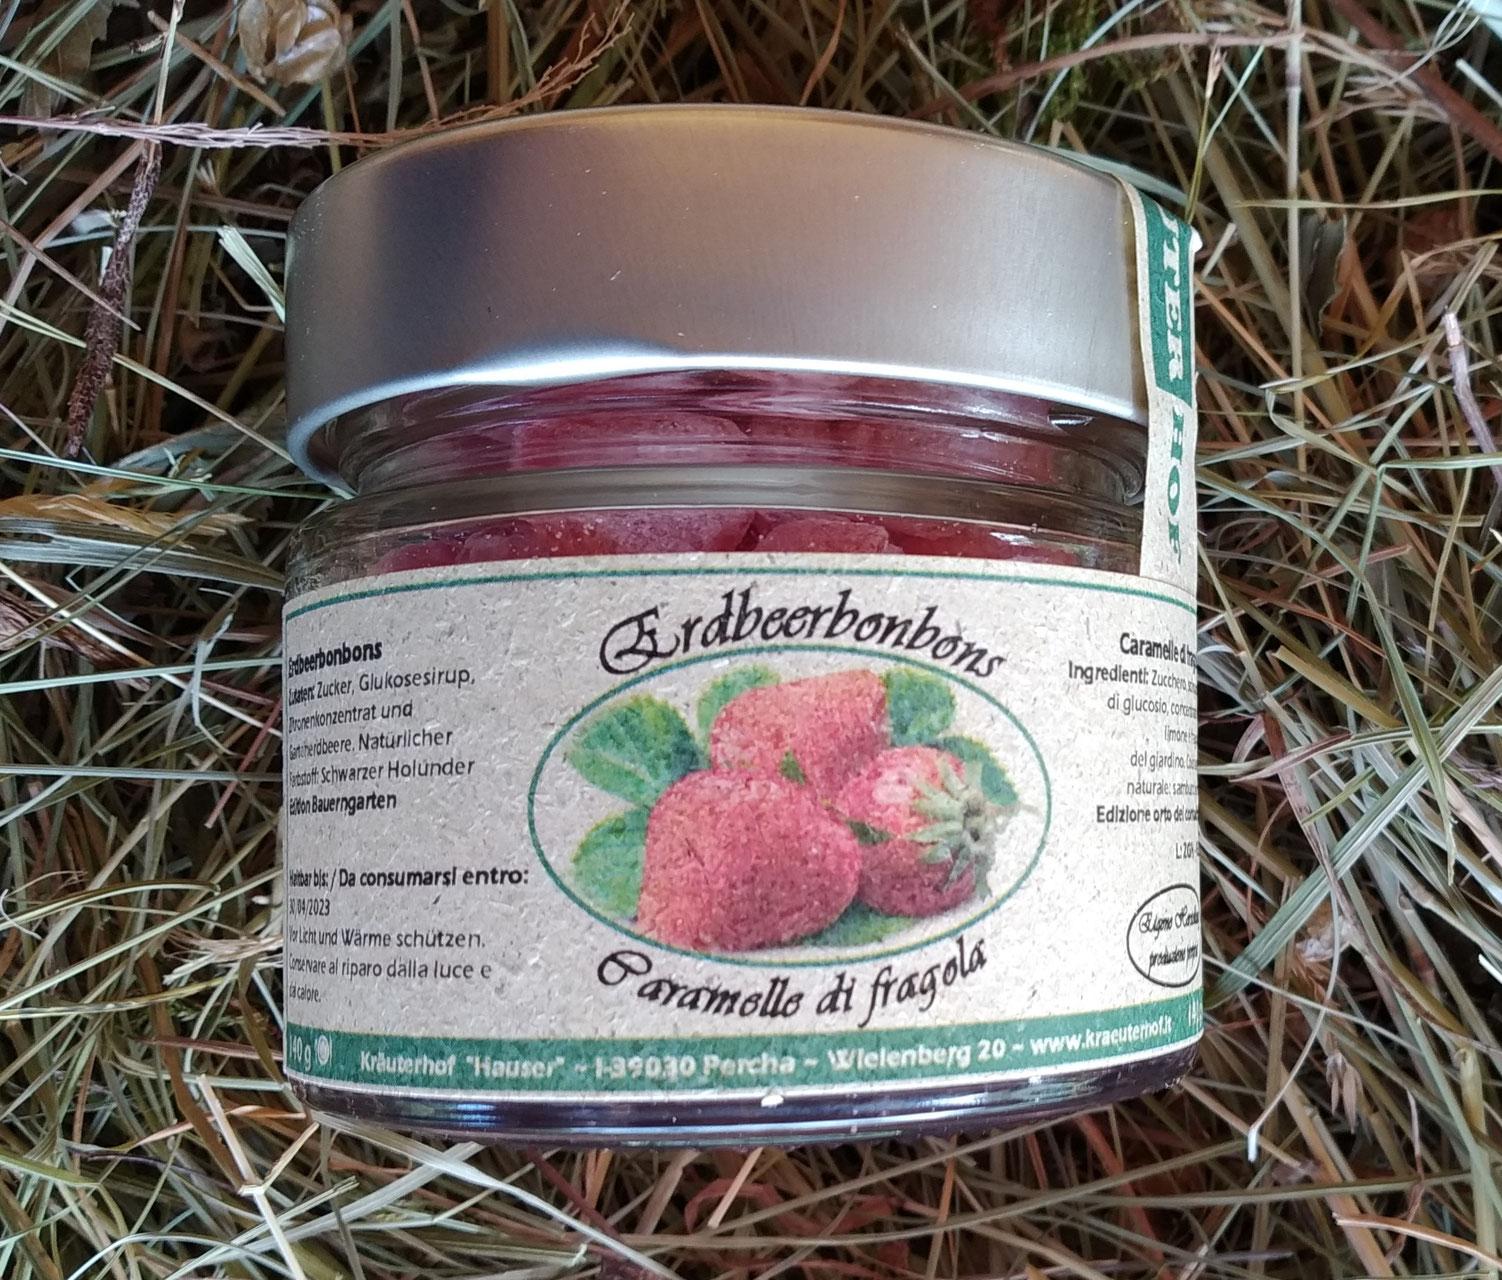 Erdbeerbonbons